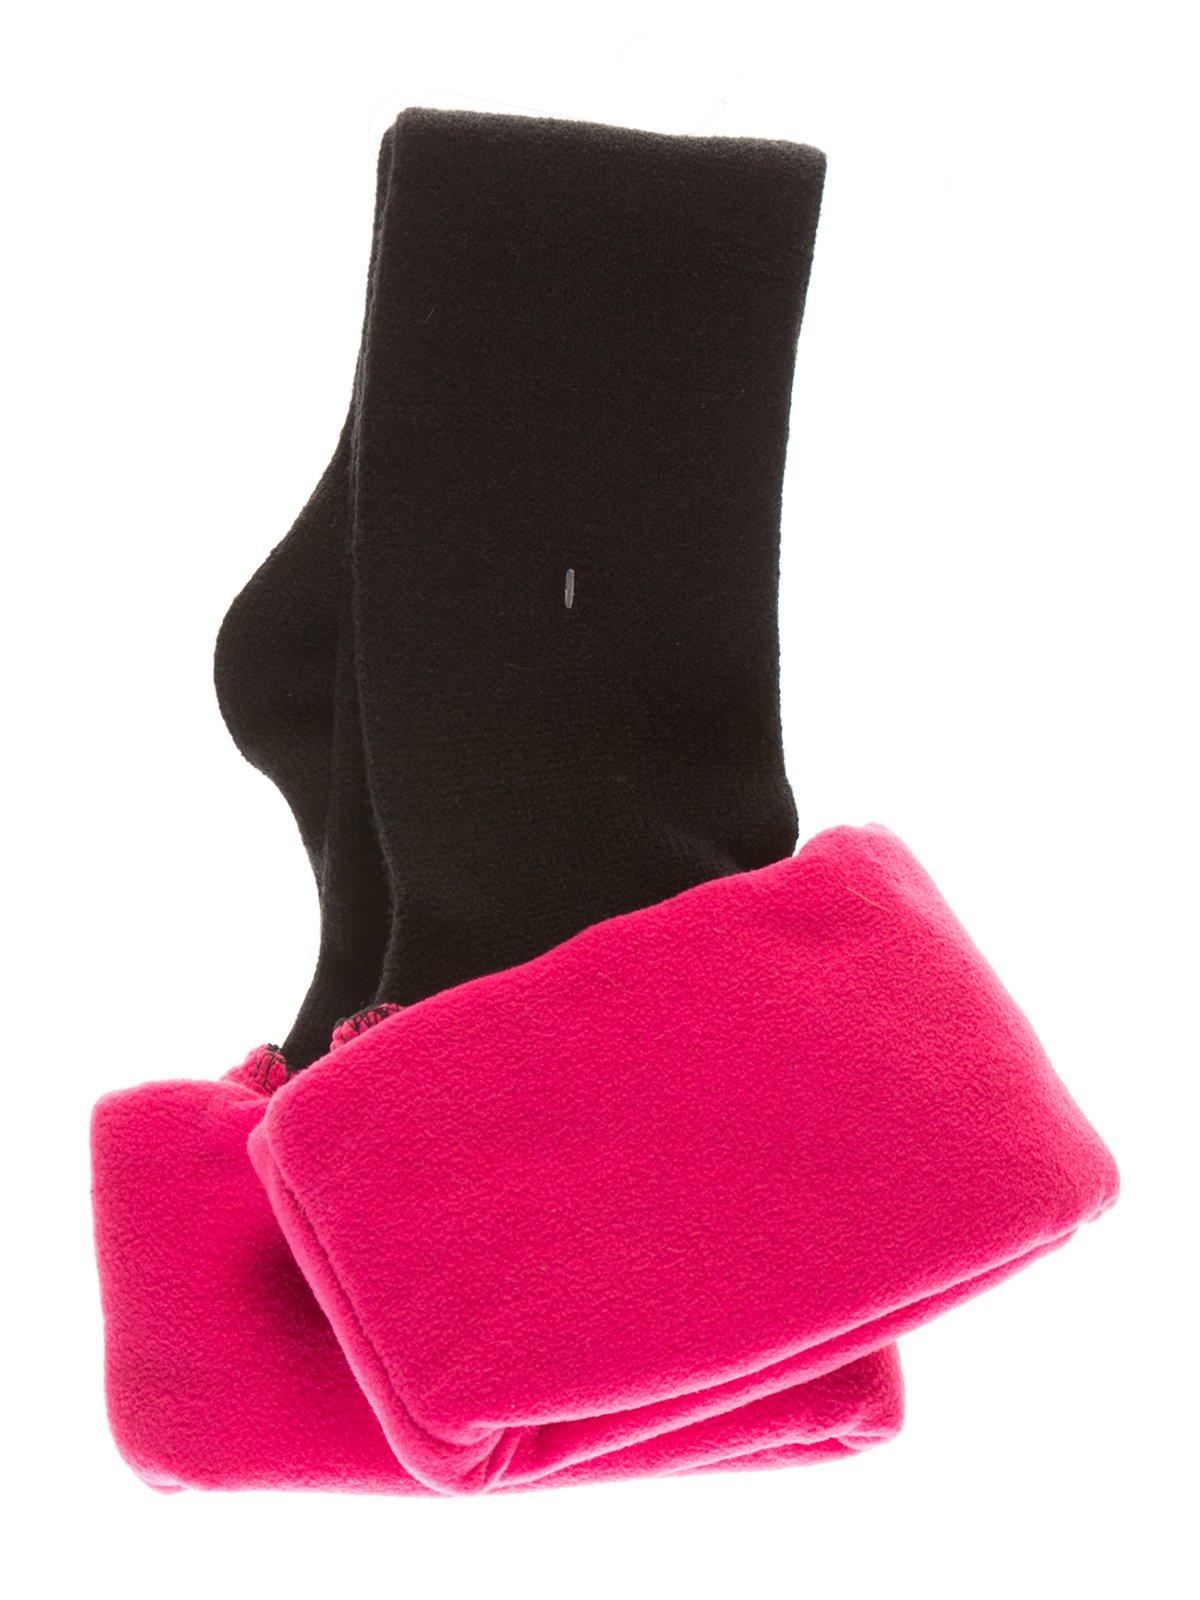 Гольфи чорно-рожеві   3162089